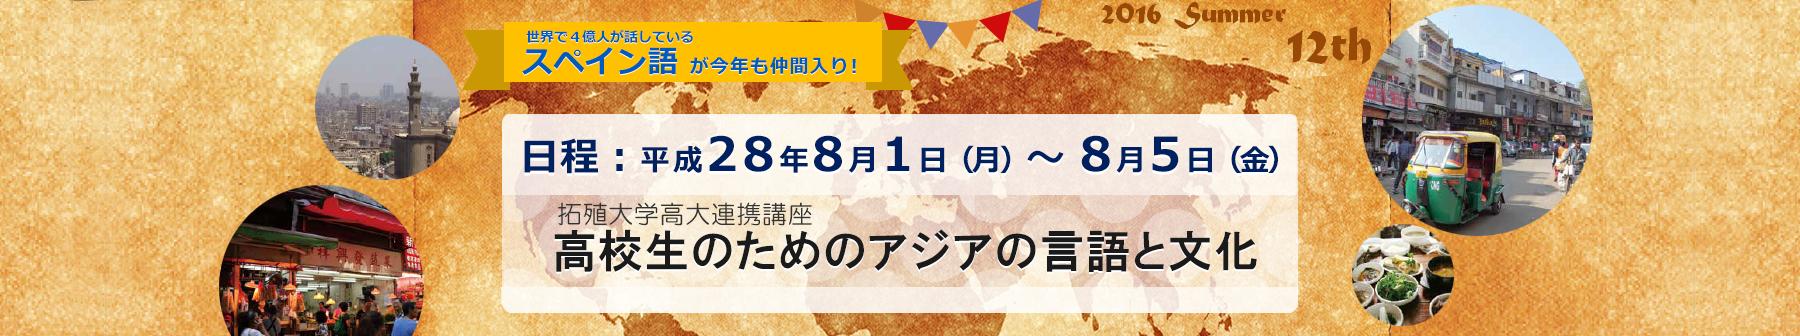 拓殖大学が8月1日~5日まで、高大連携講座「第12回 高校生のためのアジアの言語と文化」を開催 -- 文京キャンパスで学ぶ5日間のサマープログラム